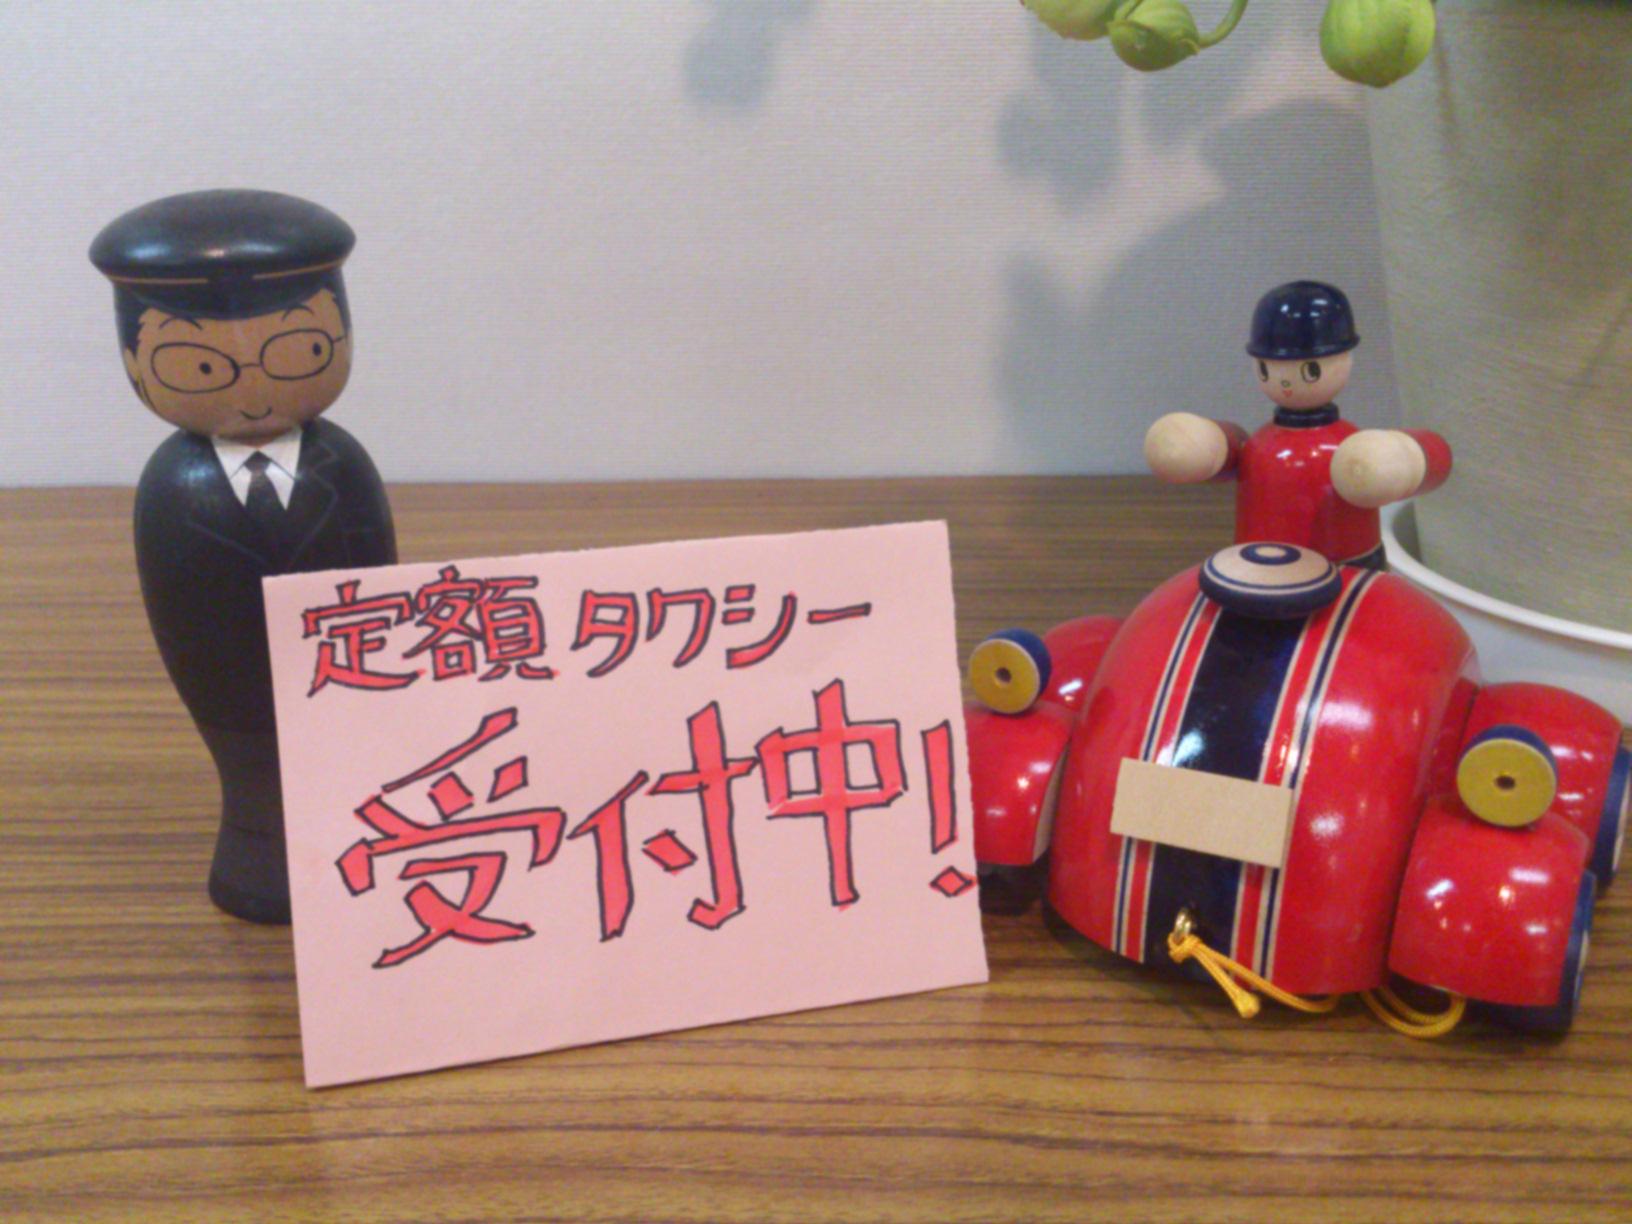 津軽こけし館 定額タクシープラン(2020年6月14日改定版)_e0318040_1538872.jpg